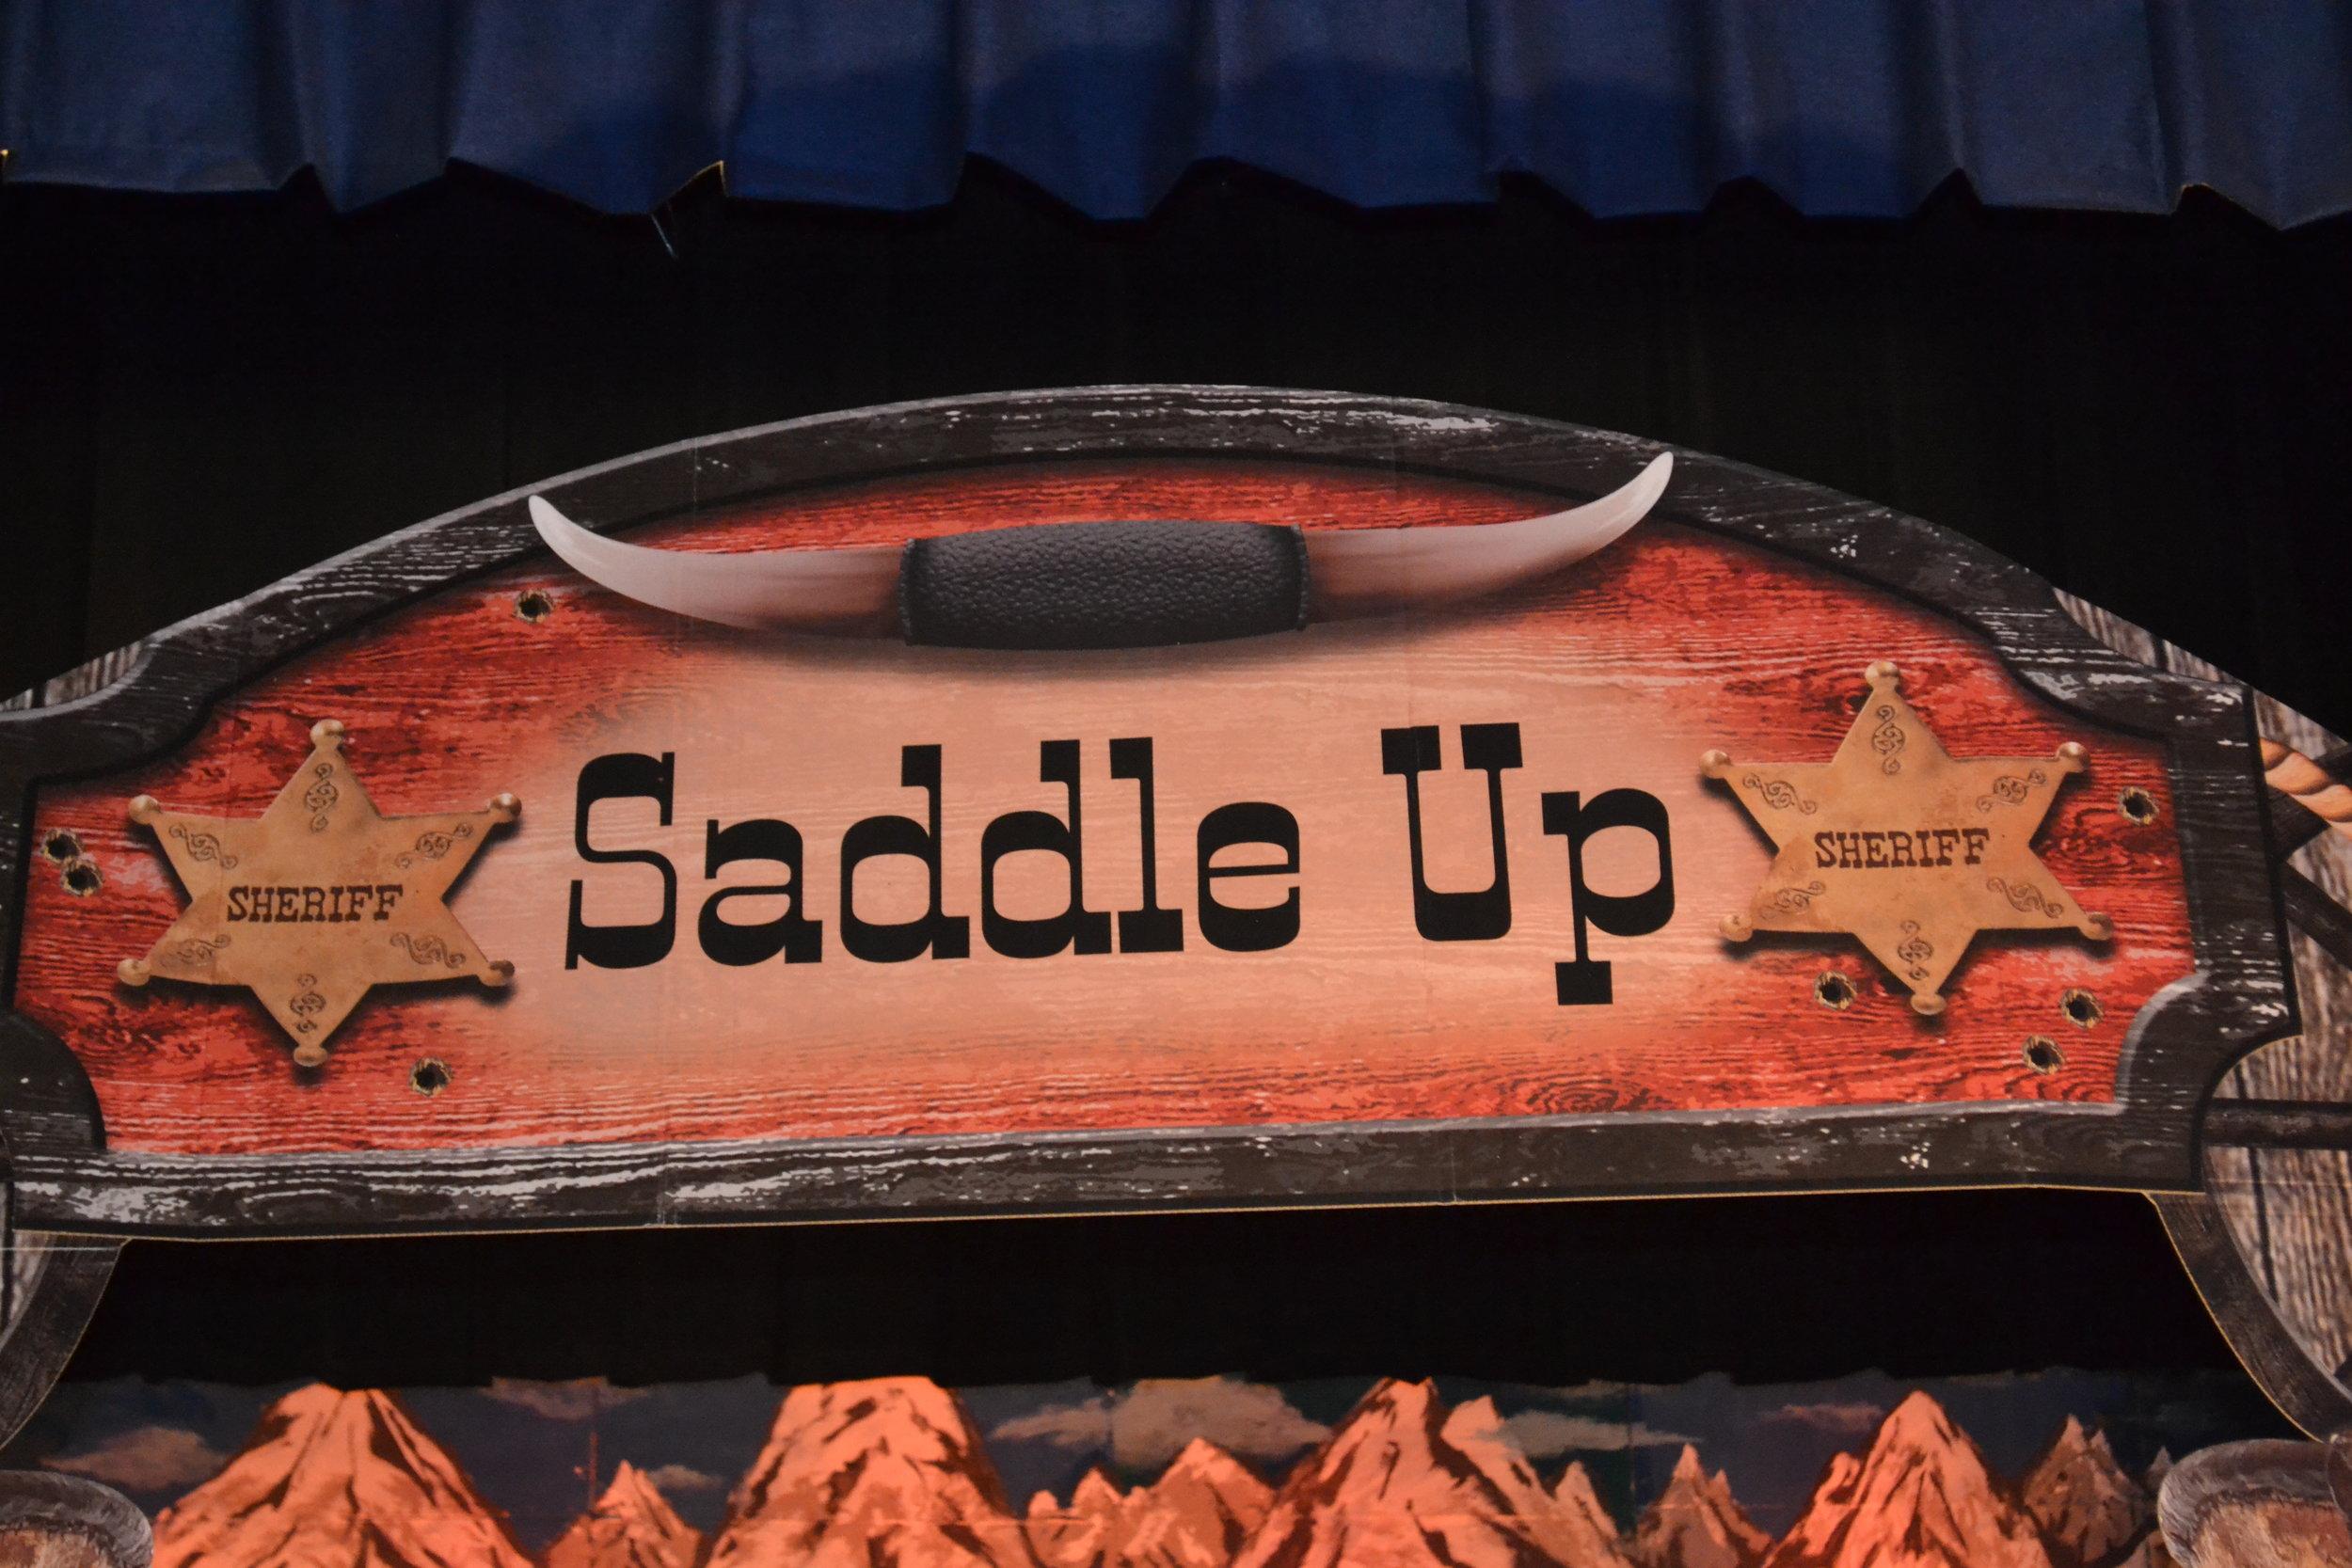 Saddle up two wild men bb